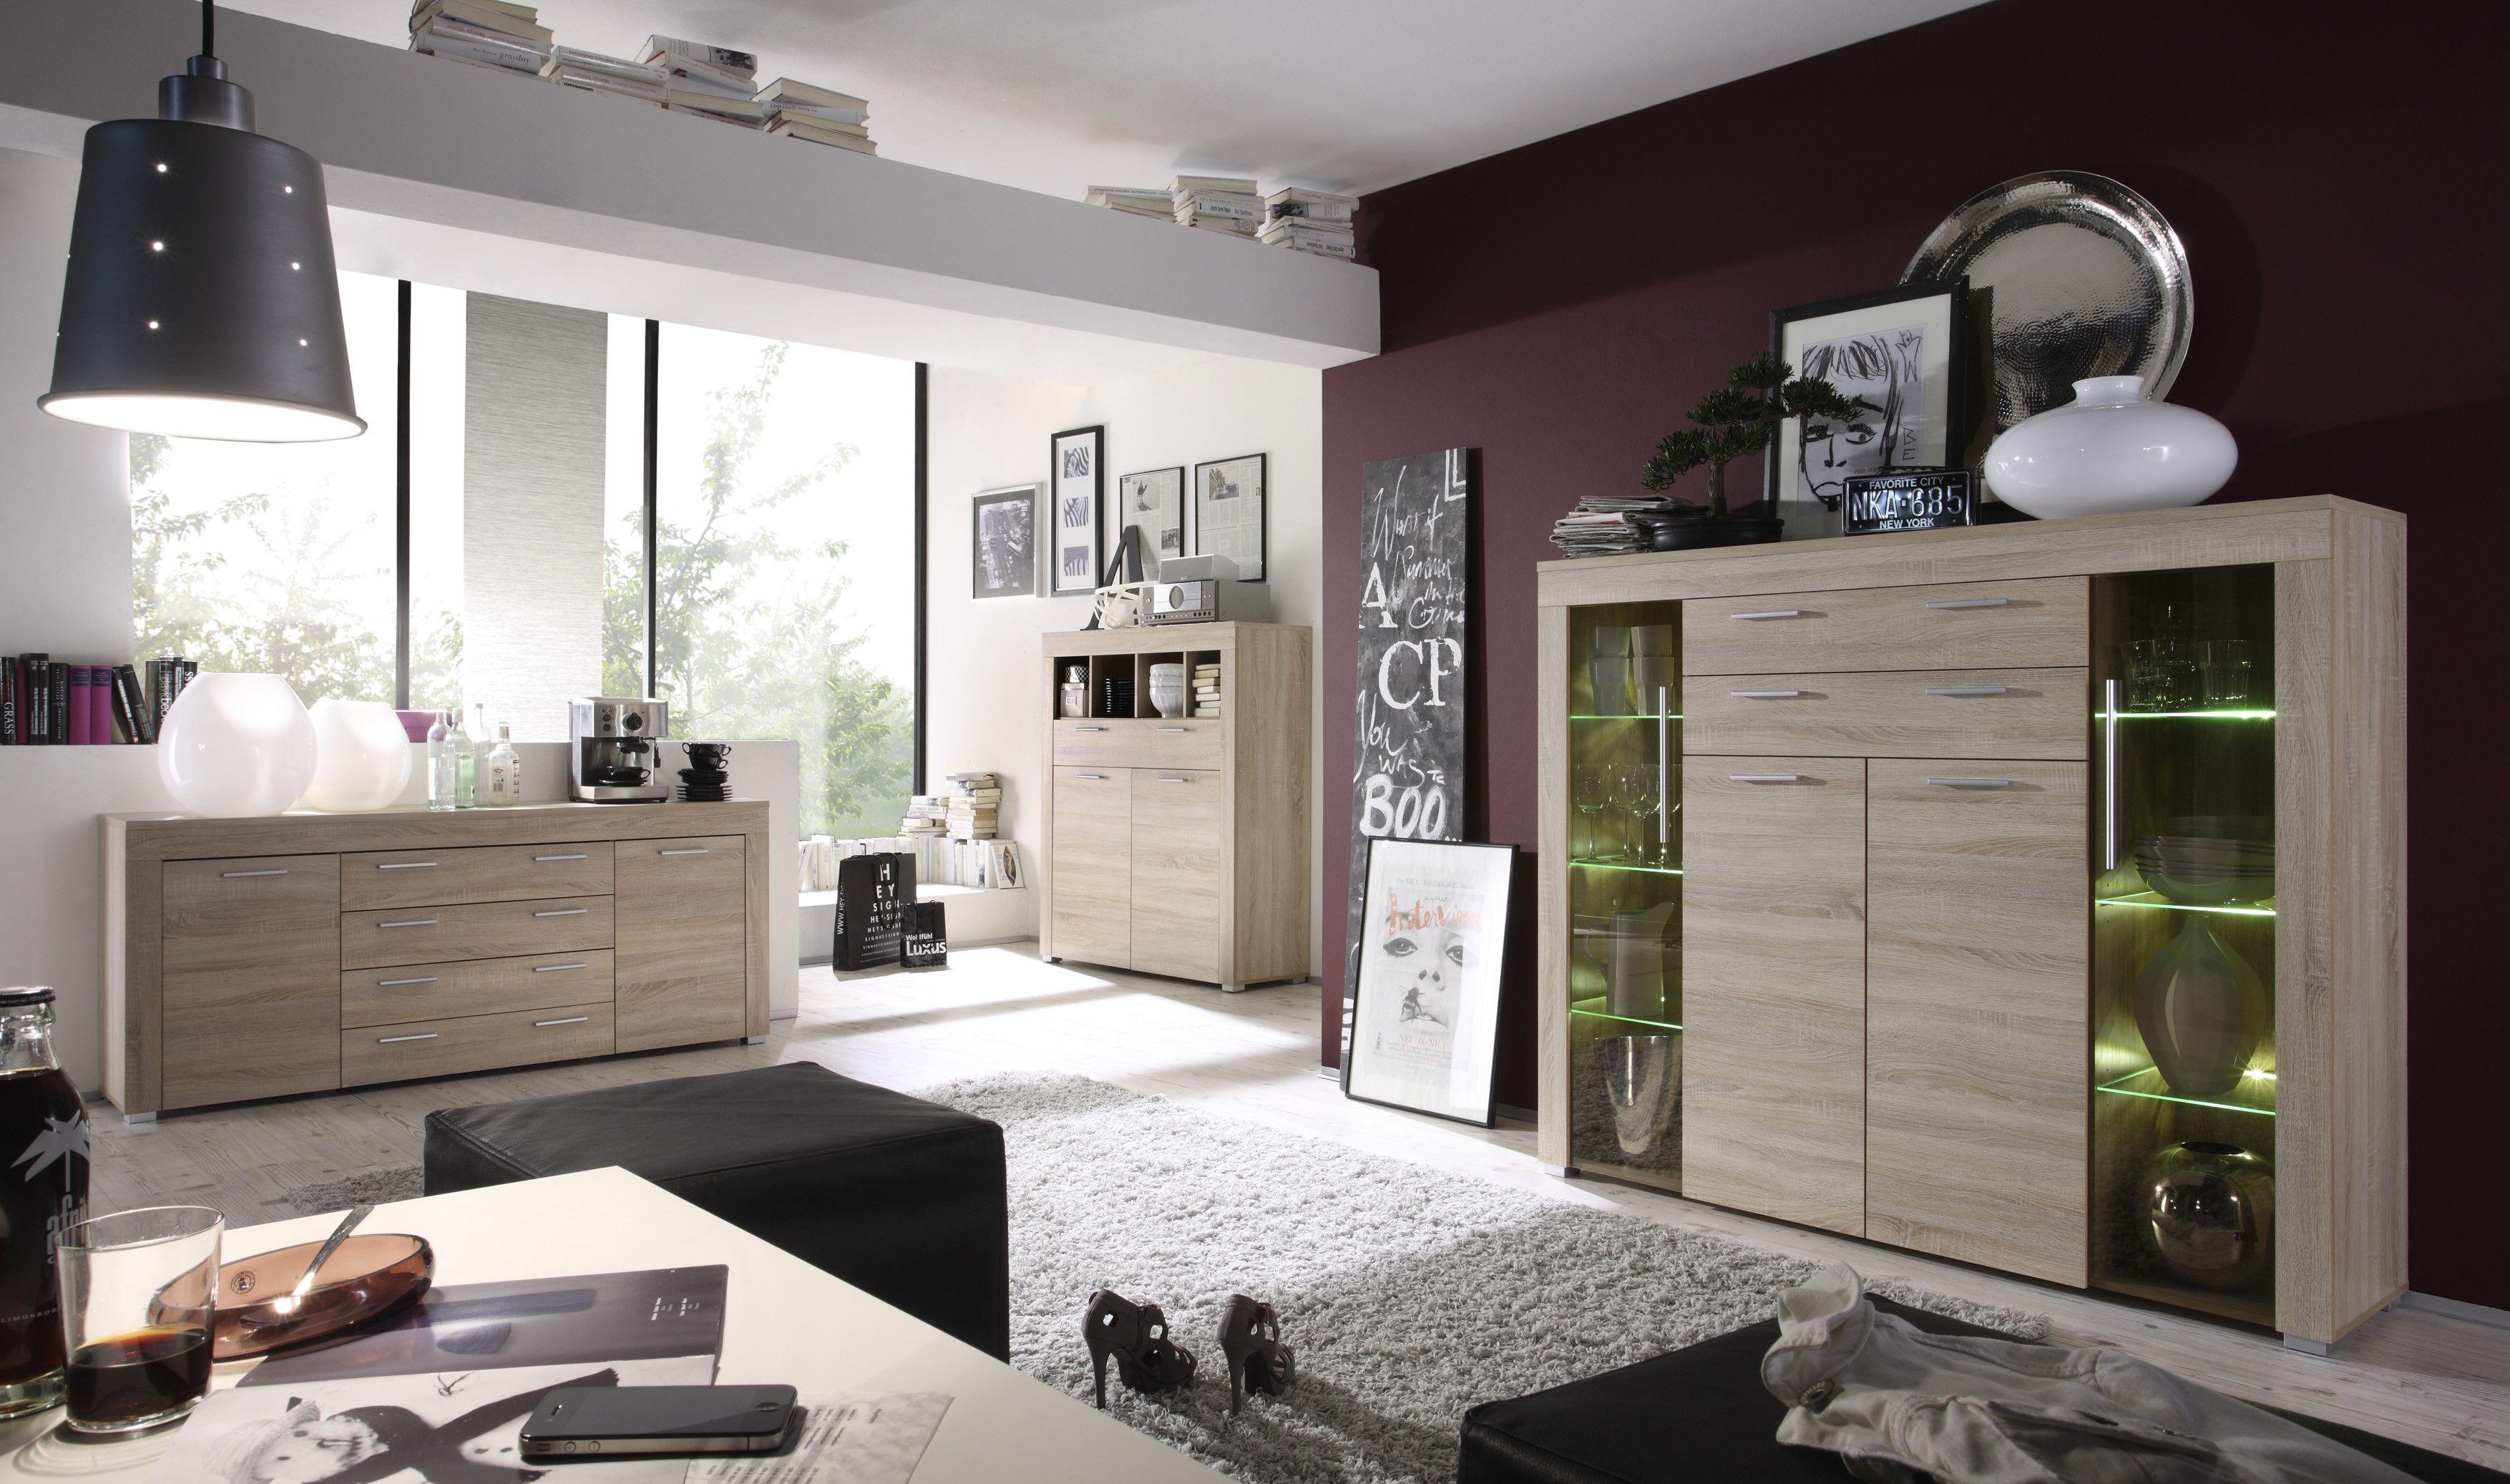 Kombination Aus Highboard Sideboard Und Kommode In Eiche Sgerau Hell Woody 93 00101 Modern Jetzt